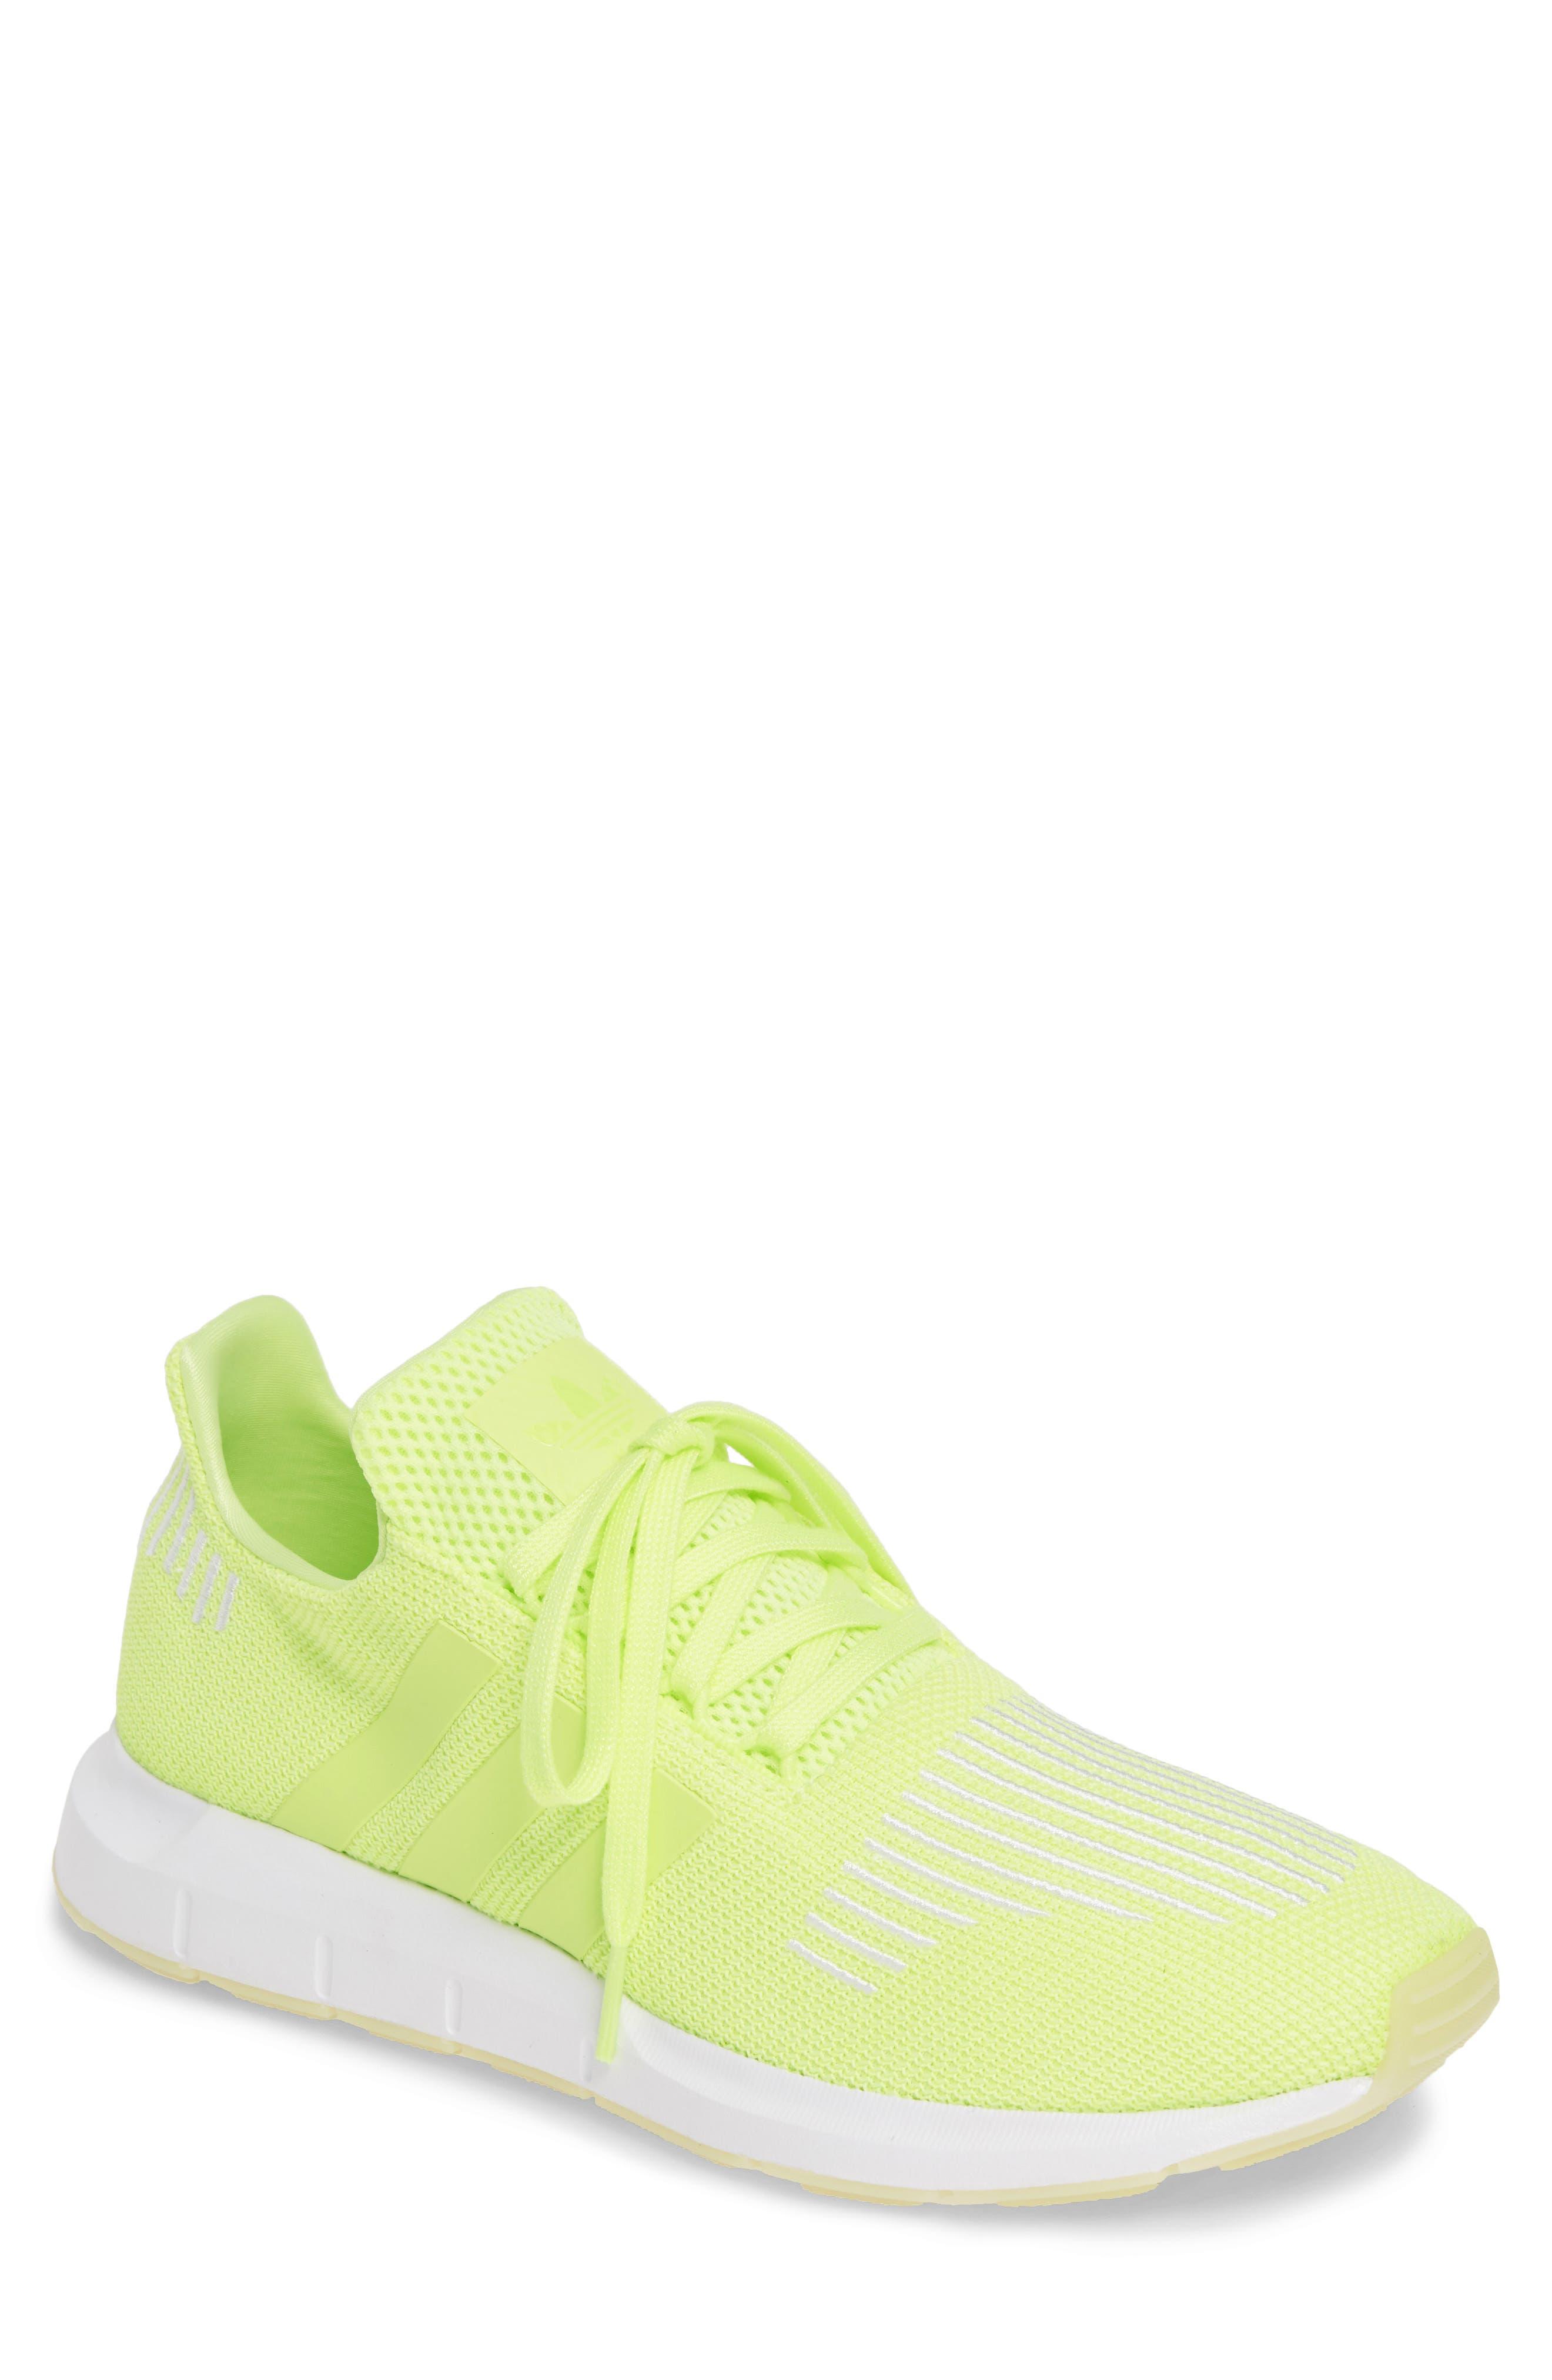 ADIDAS Swift Run Running Shoe, Main, color, YELLOW/ WHITE